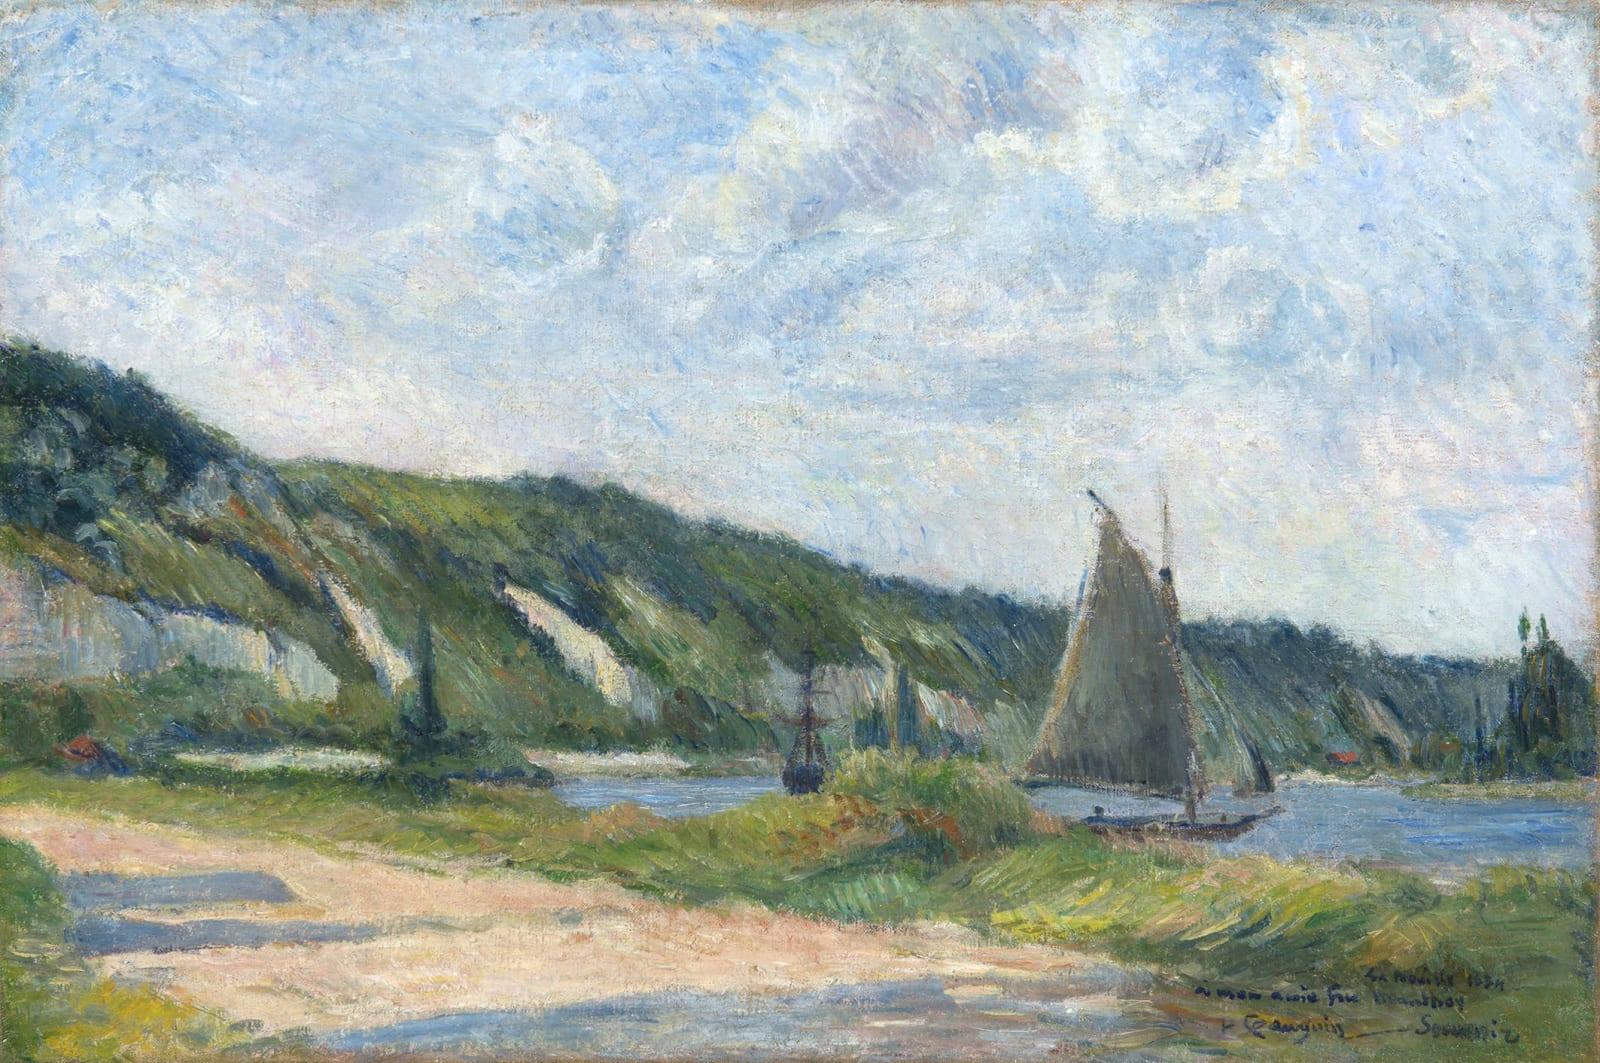 PAUL GAUGUIN, Les Falaises de La Bouille, 1884